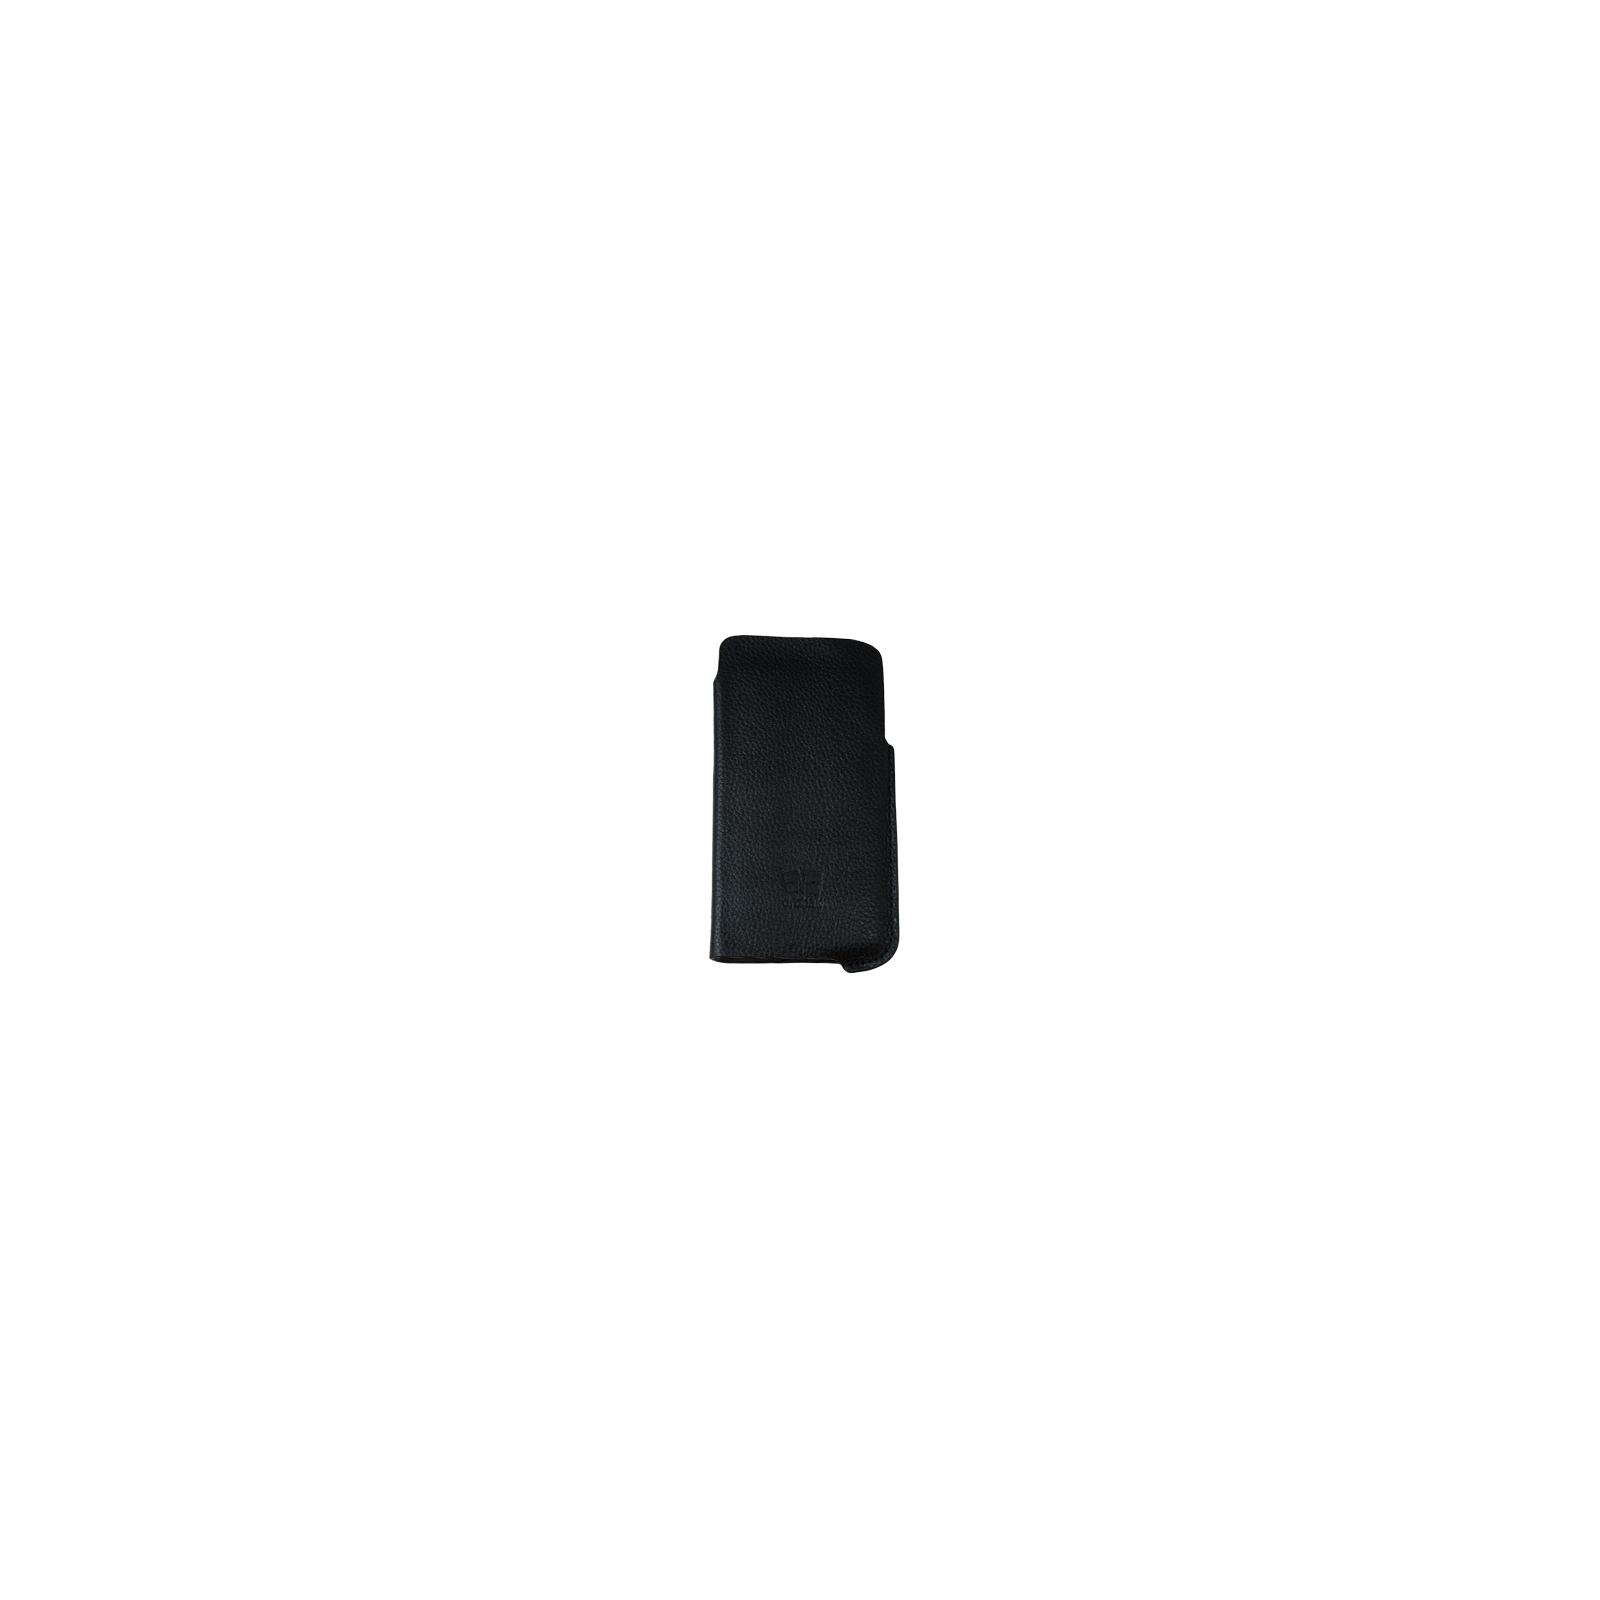 Чехол для моб. телефона Drobak для HTC Desire 600 /Classic pocket Black (218829) изображение 2